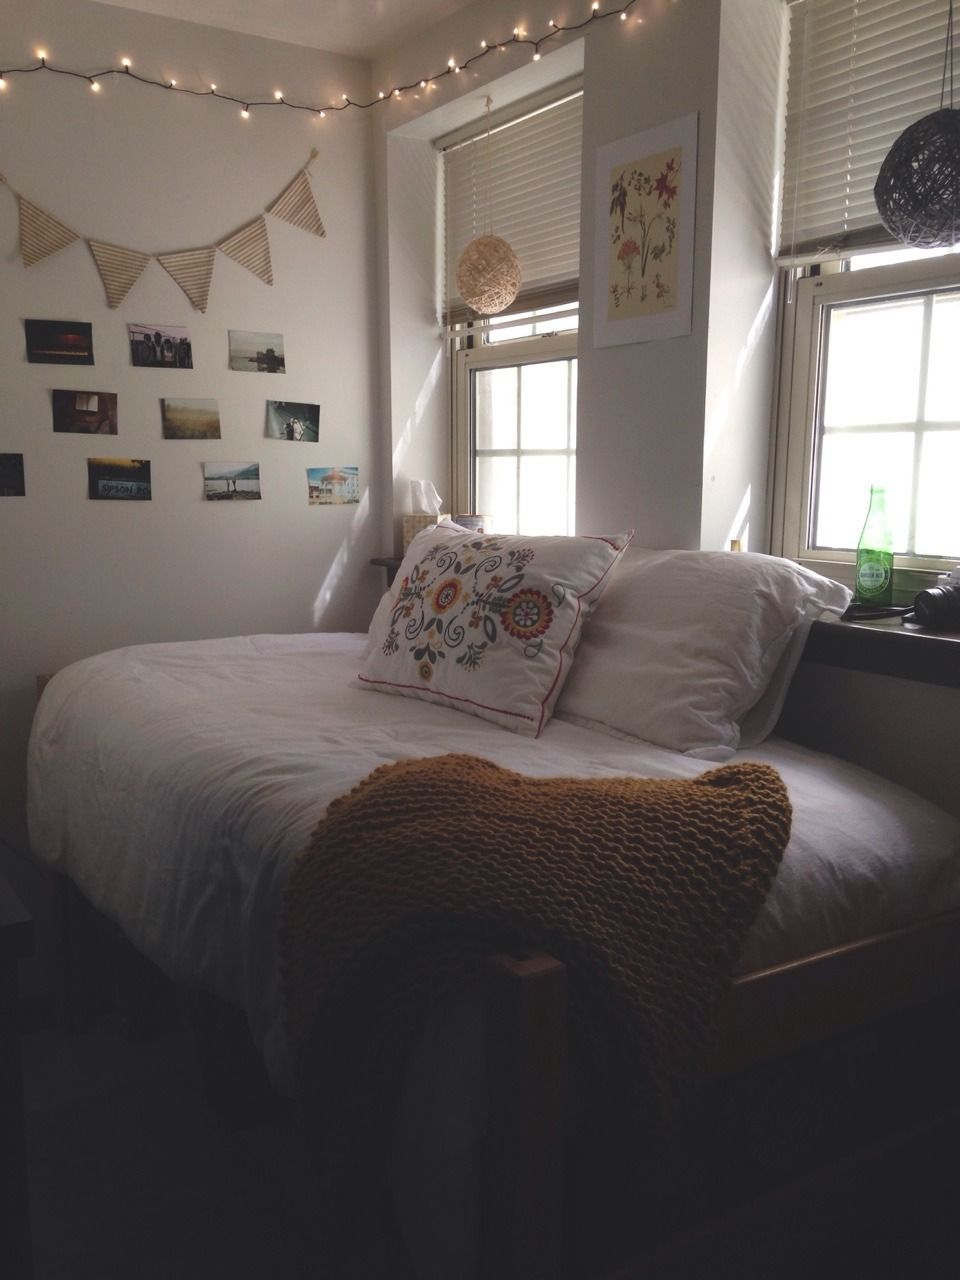 Fun Dorm Room Ideas: Cool Dorm Rooms, Pretty Dorm Room